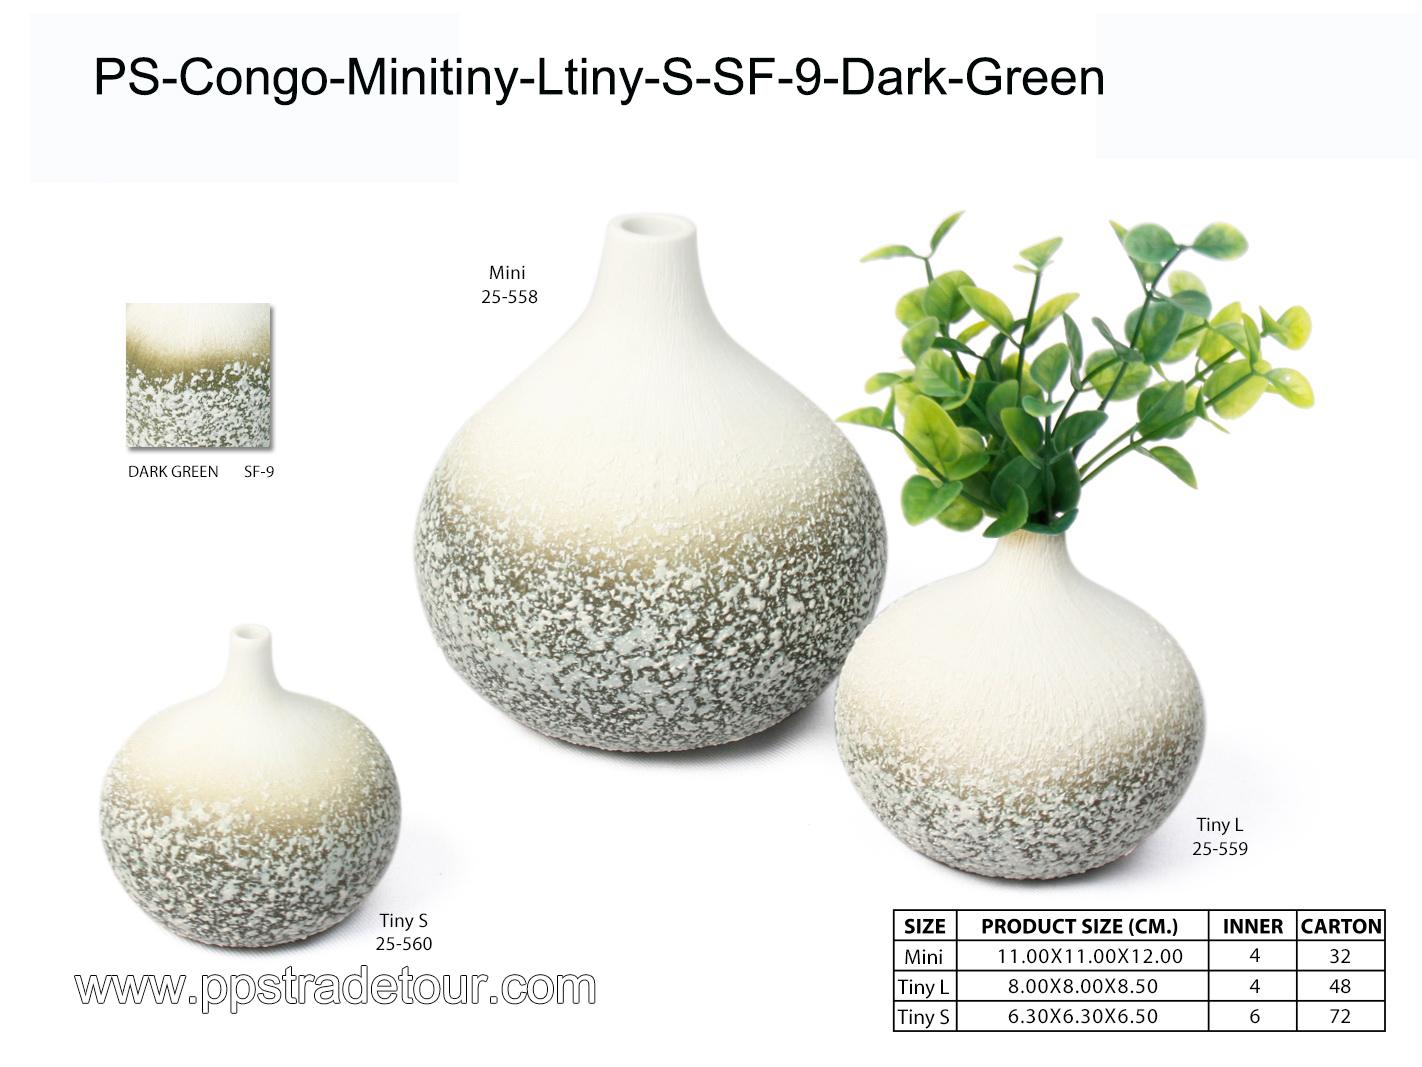 PSCV-CONGO-MINITINY-LTINY-S-SF-9-DARK-GREEN